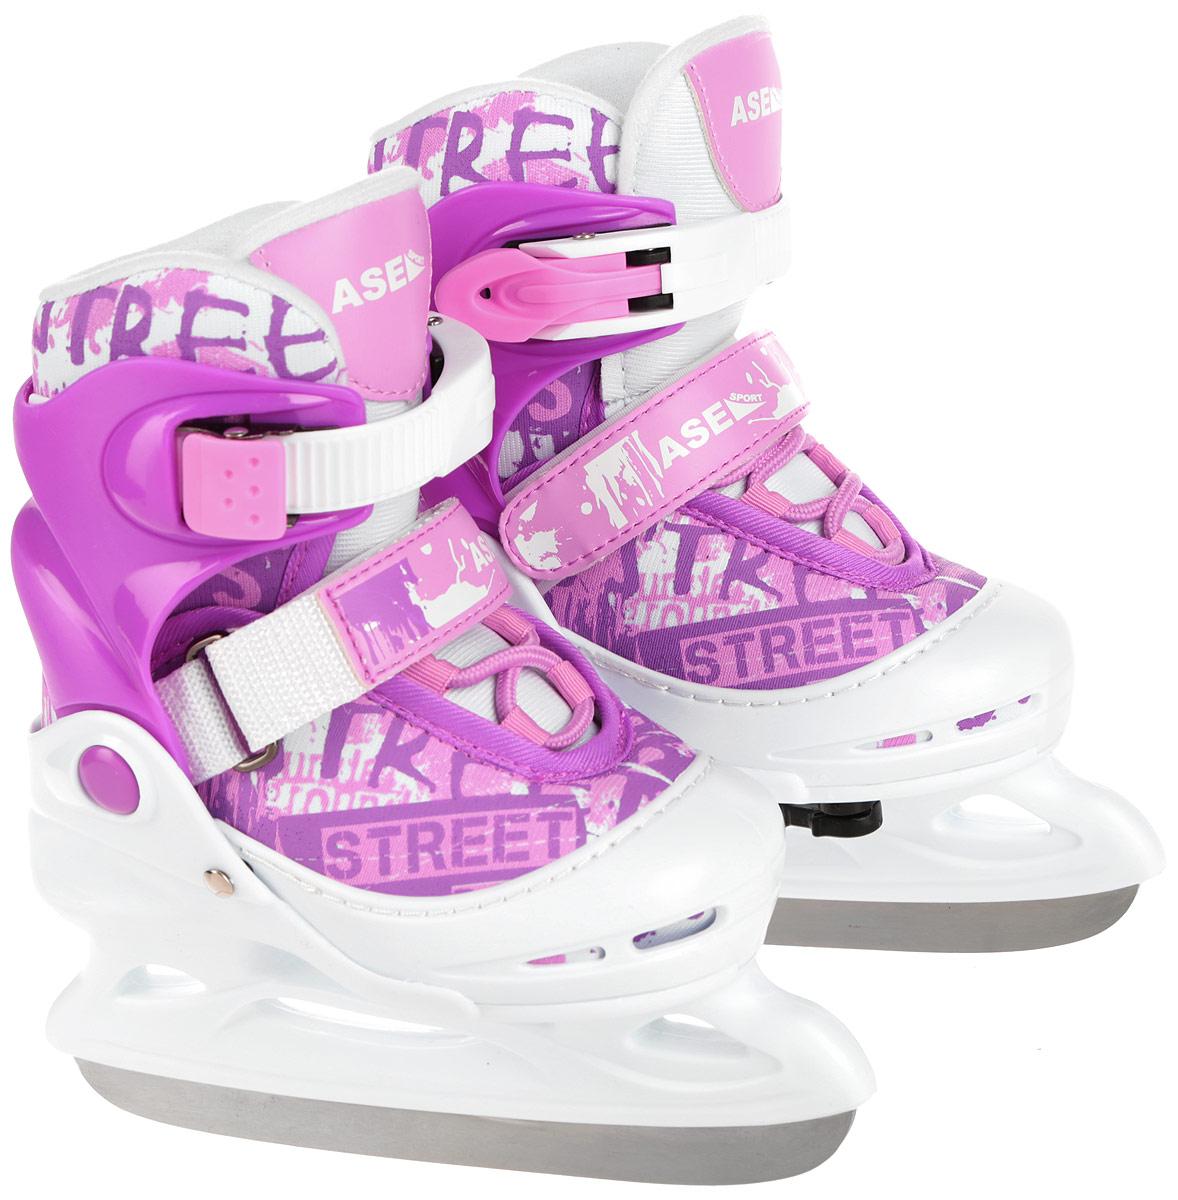 Коньки ледовые Ase-Sport, раздвижные, цвет: белый, розовый. ASE-611F. Размер S (30-33)